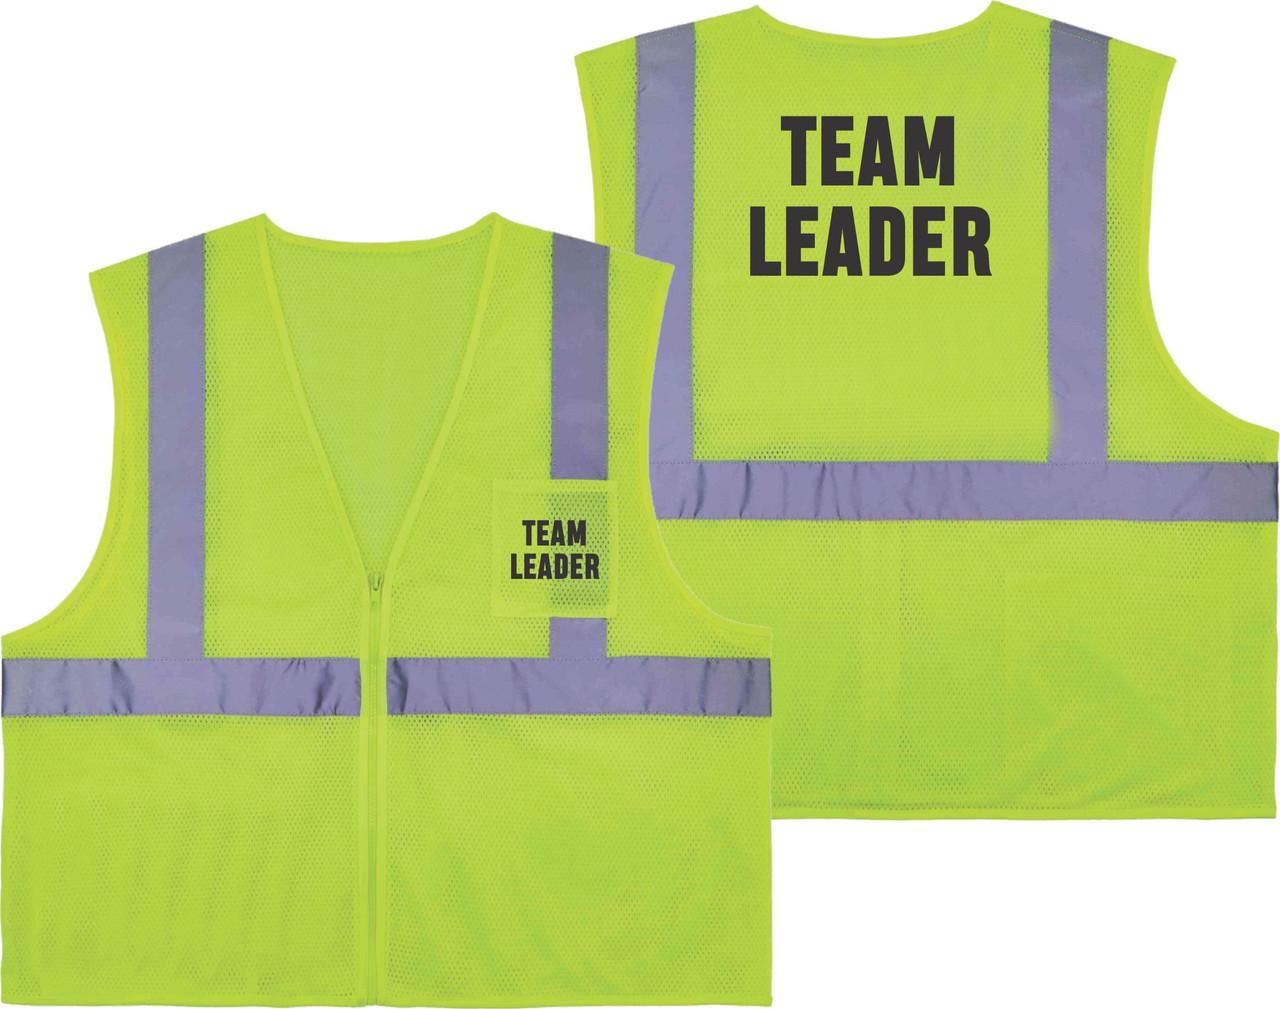 Printed TEAM LEADER Safety Vest Class 2 - Great for Hi Vis Vest for Events